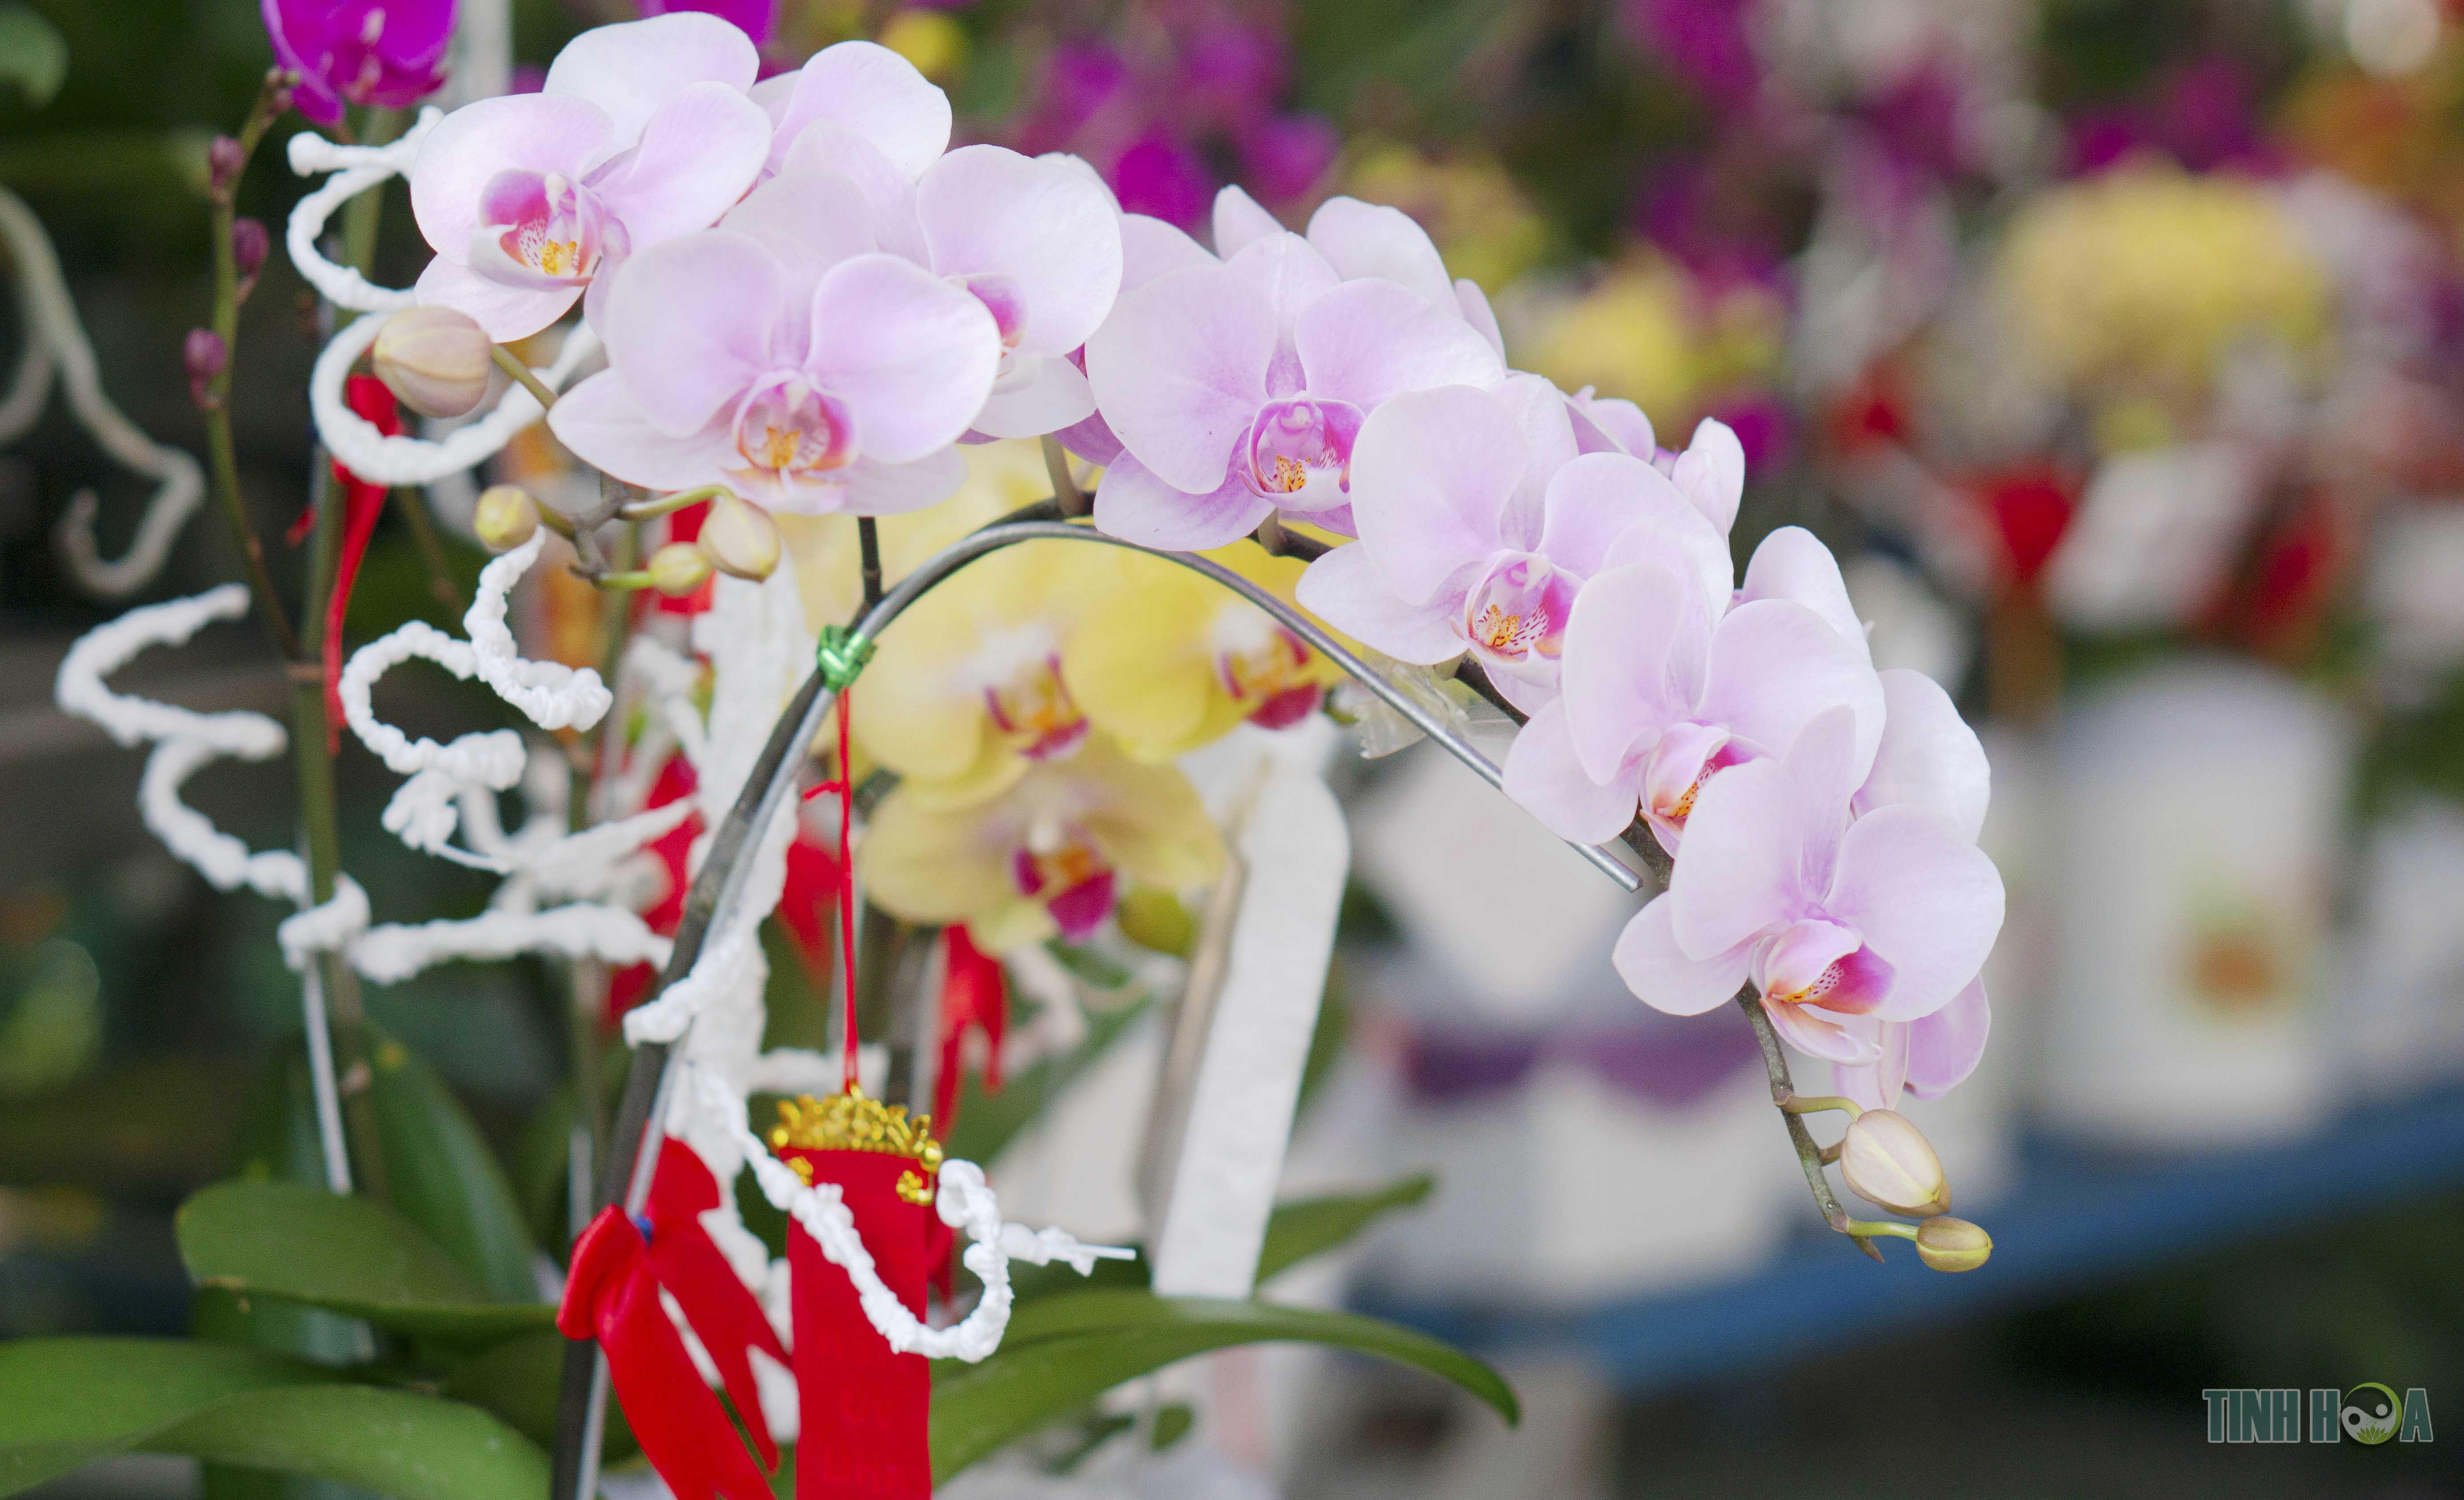 Dạo phố phường ngắm chợ hoa, ô hay Tết đã về trước ngõ!